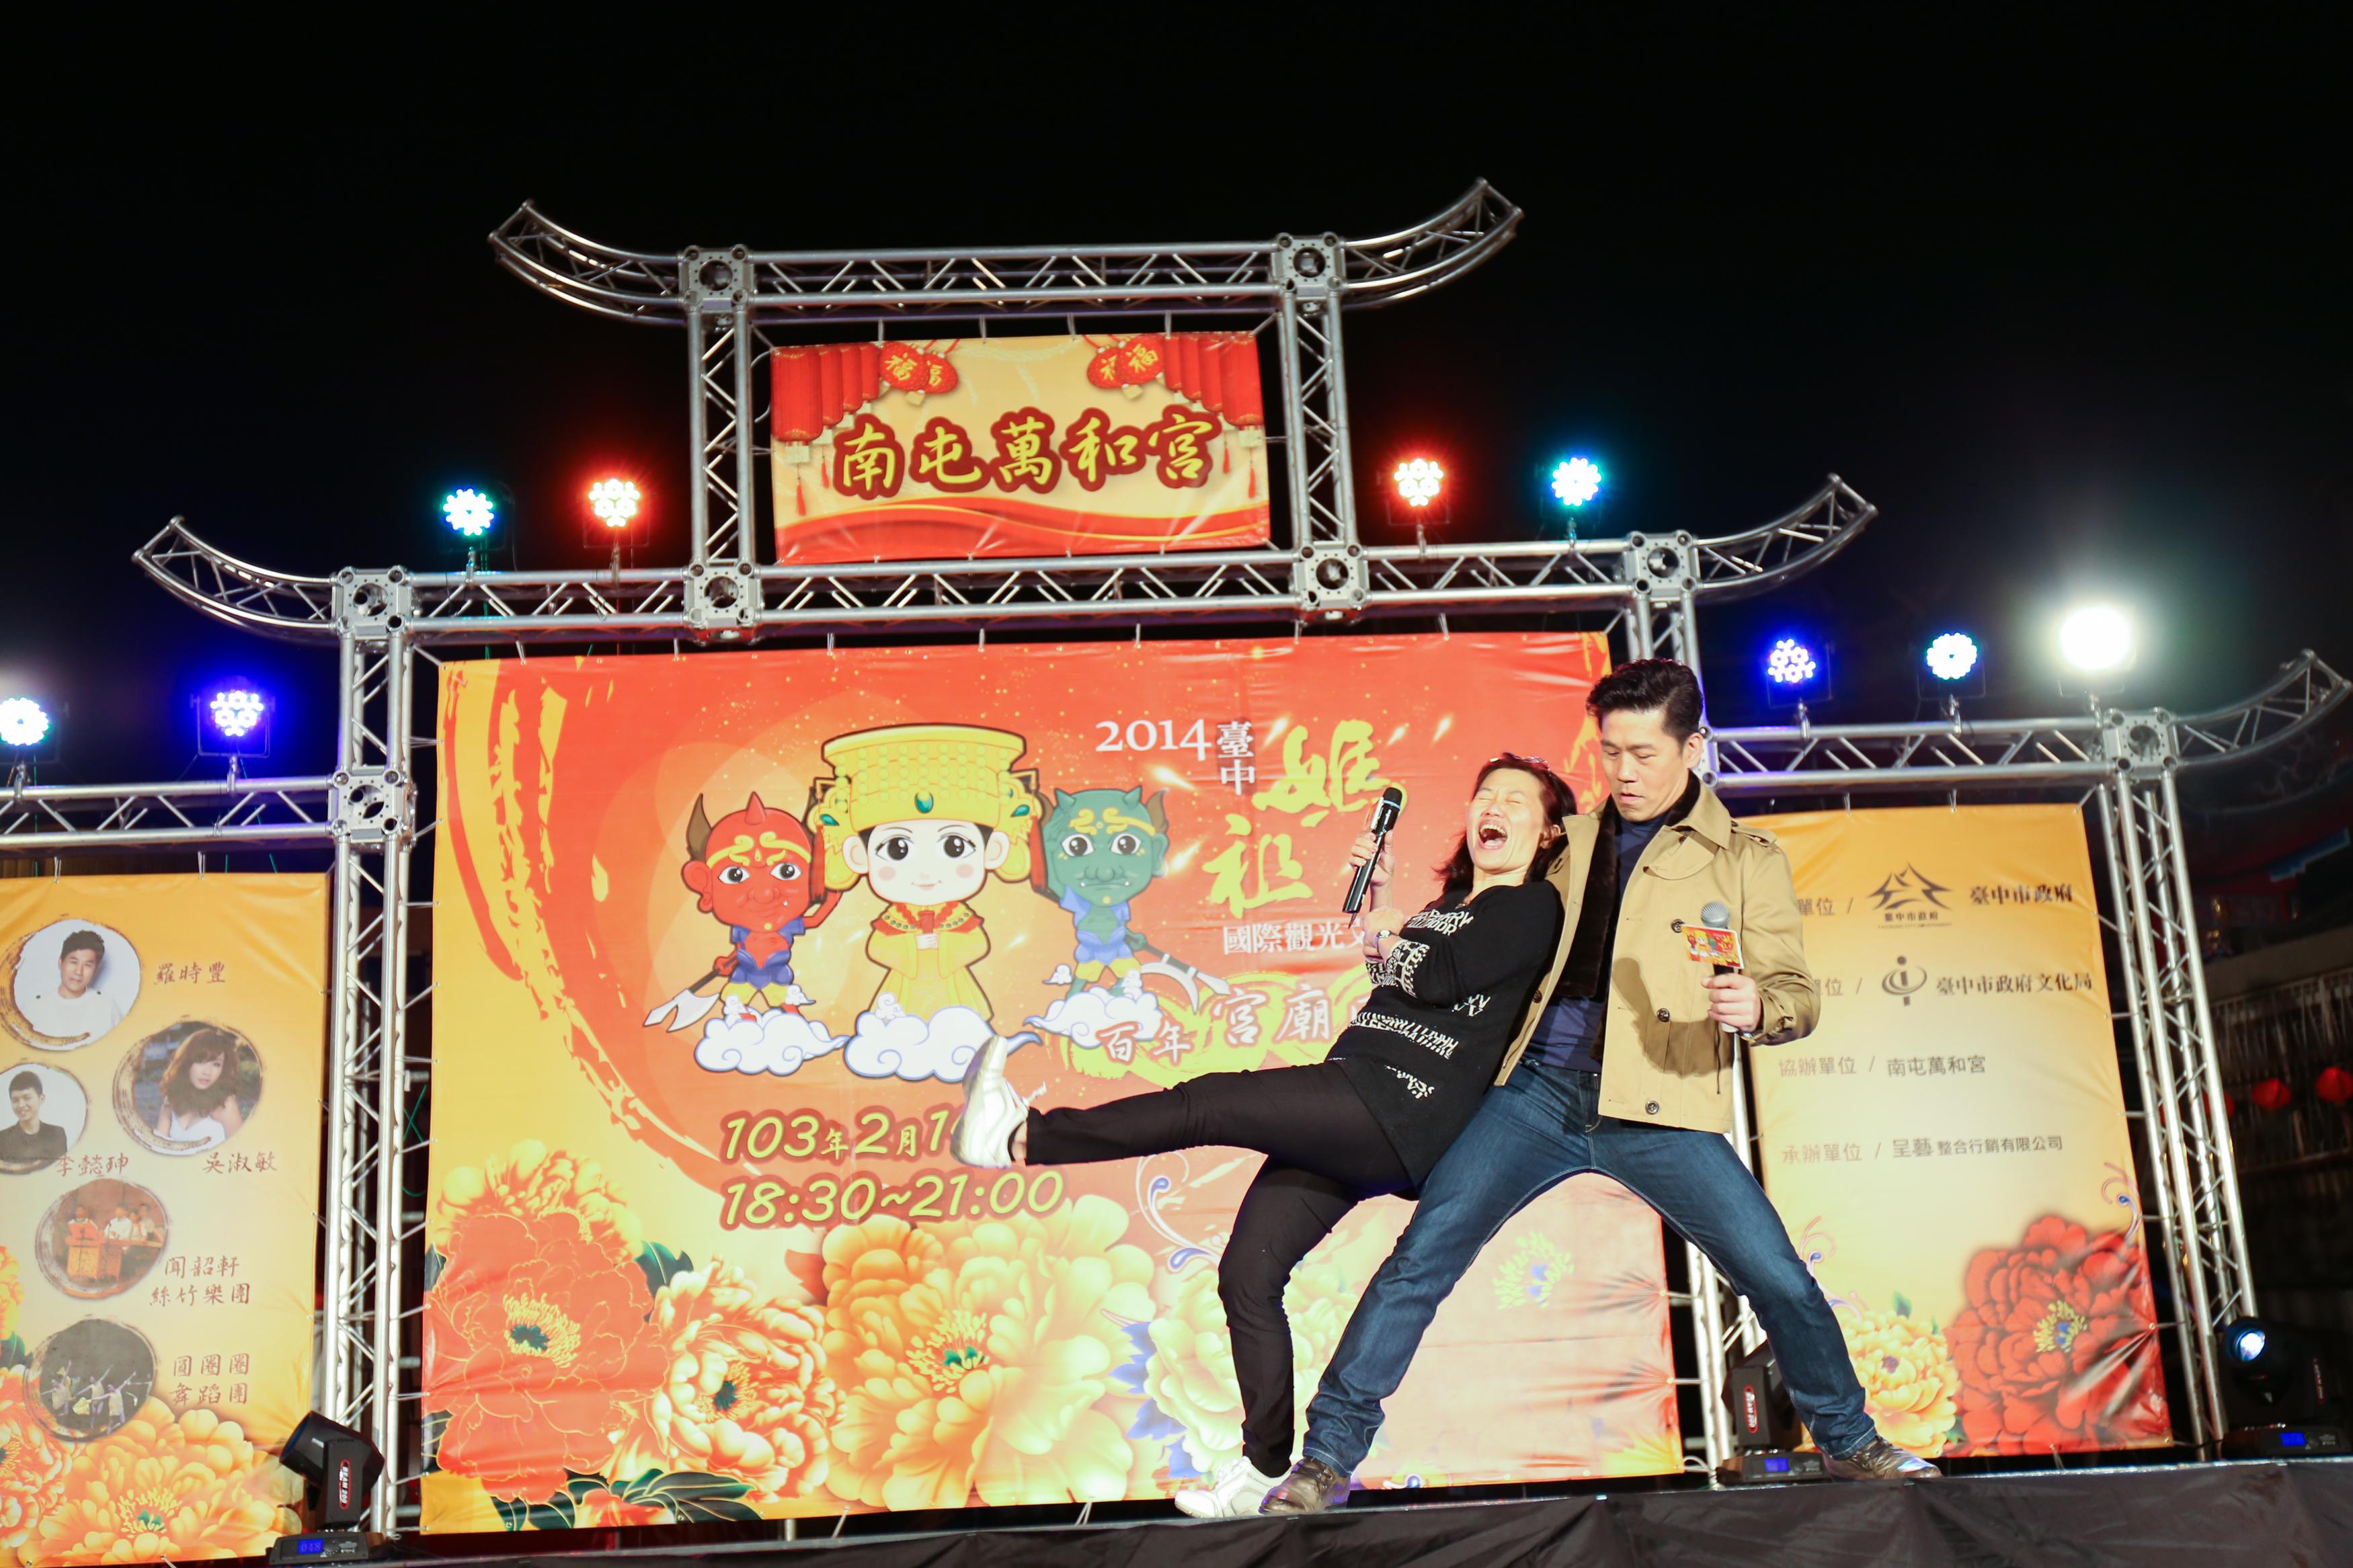 台中媽祖國際觀光文化節在萬和宮,台中婚錄推薦20